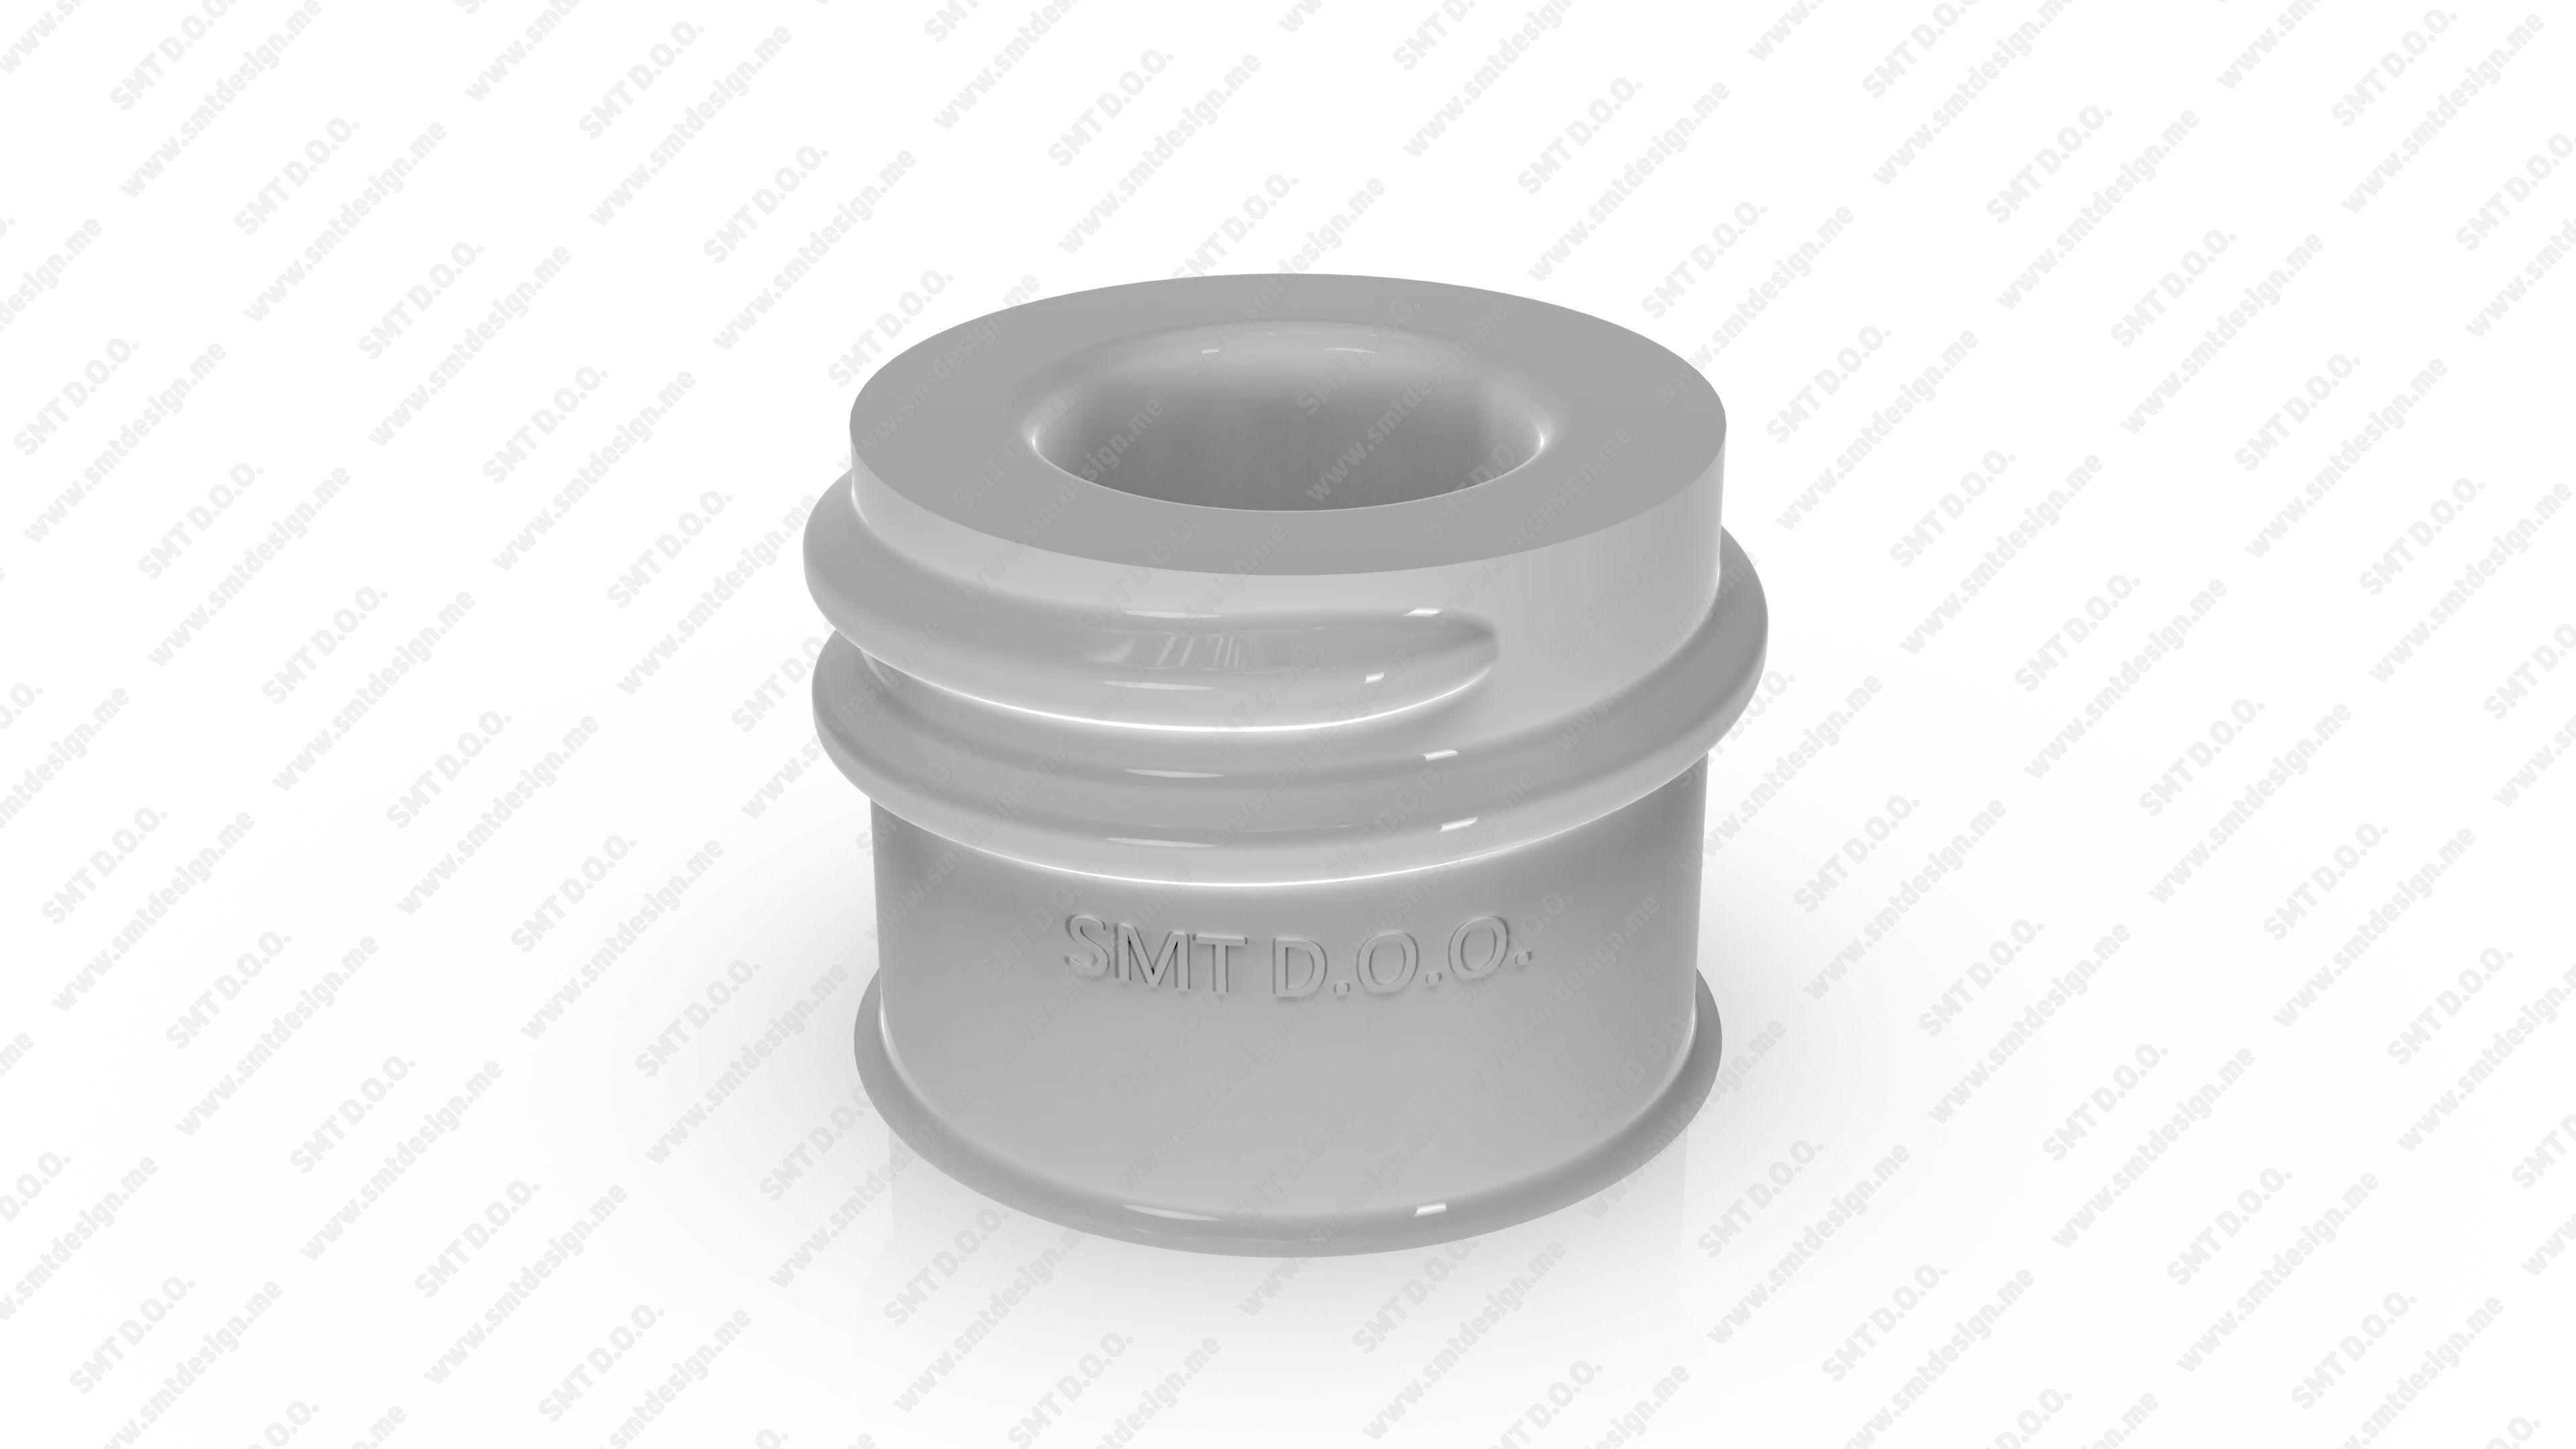 Neck of PET Preform - SP - 410 - 20 - L